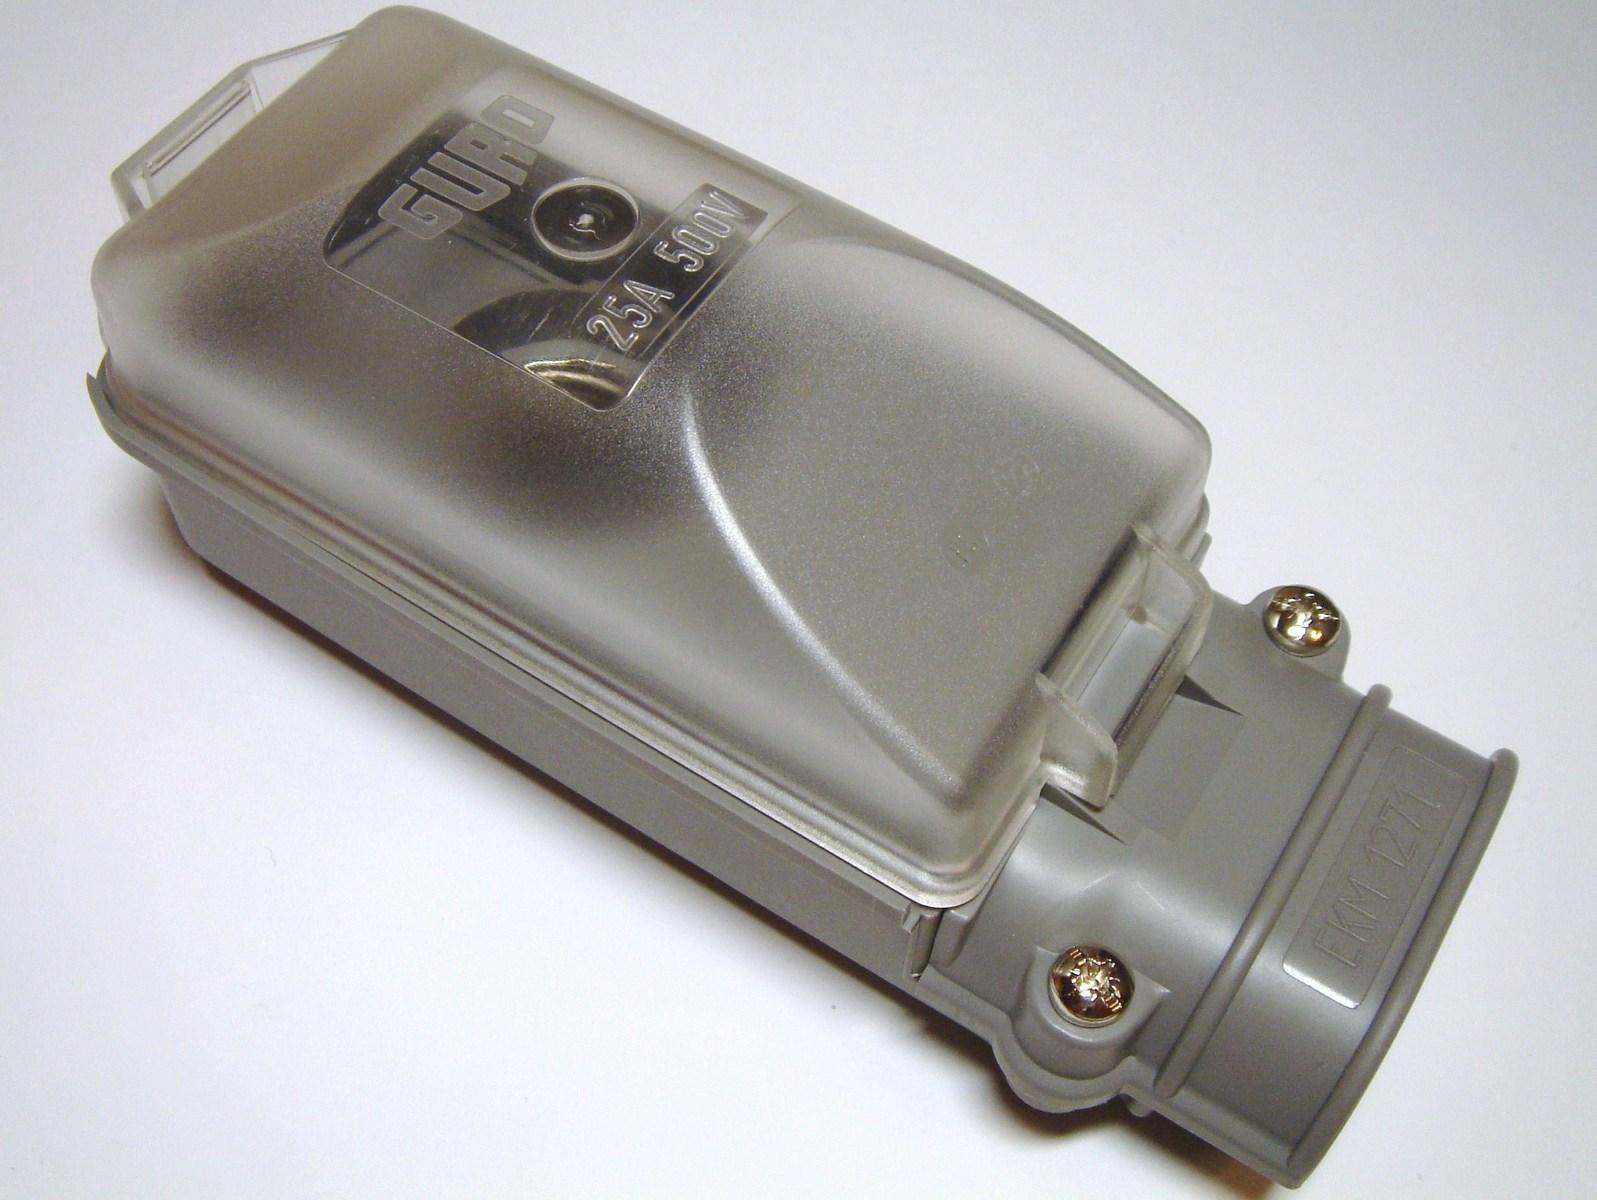 Tänavavalgustusposti ühenduskarp EKM-1271-1D2-4-16, Tyco Electronics